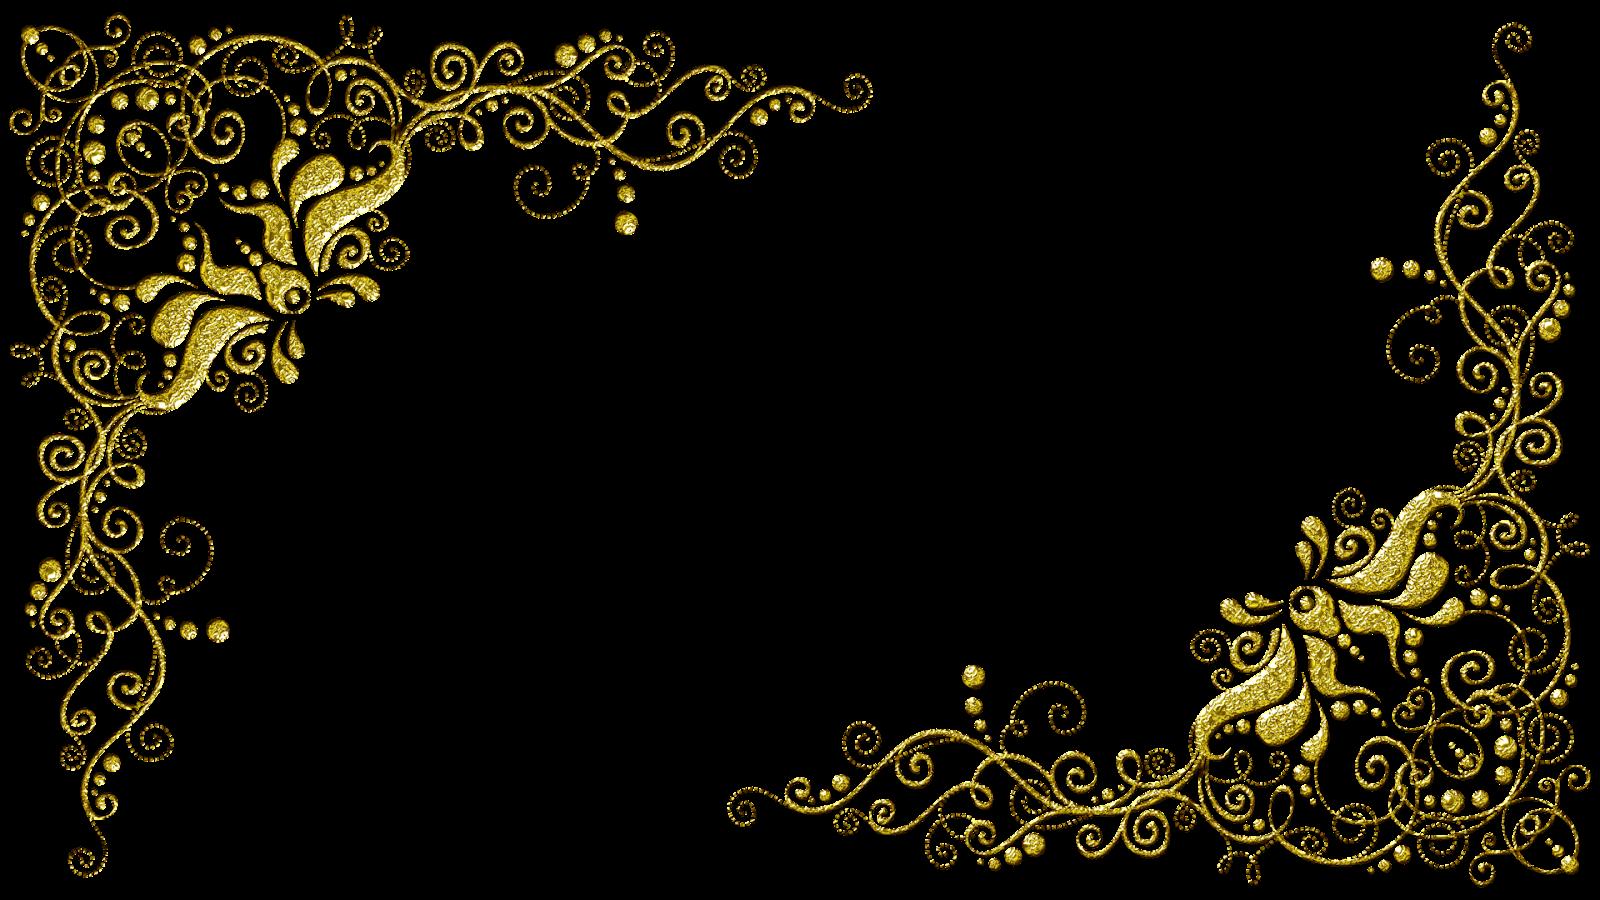 Molduras Arabescos 21 Png 1600 900 Molduras Para Convites Molduras Para Convites De Casamento Convites Dourados